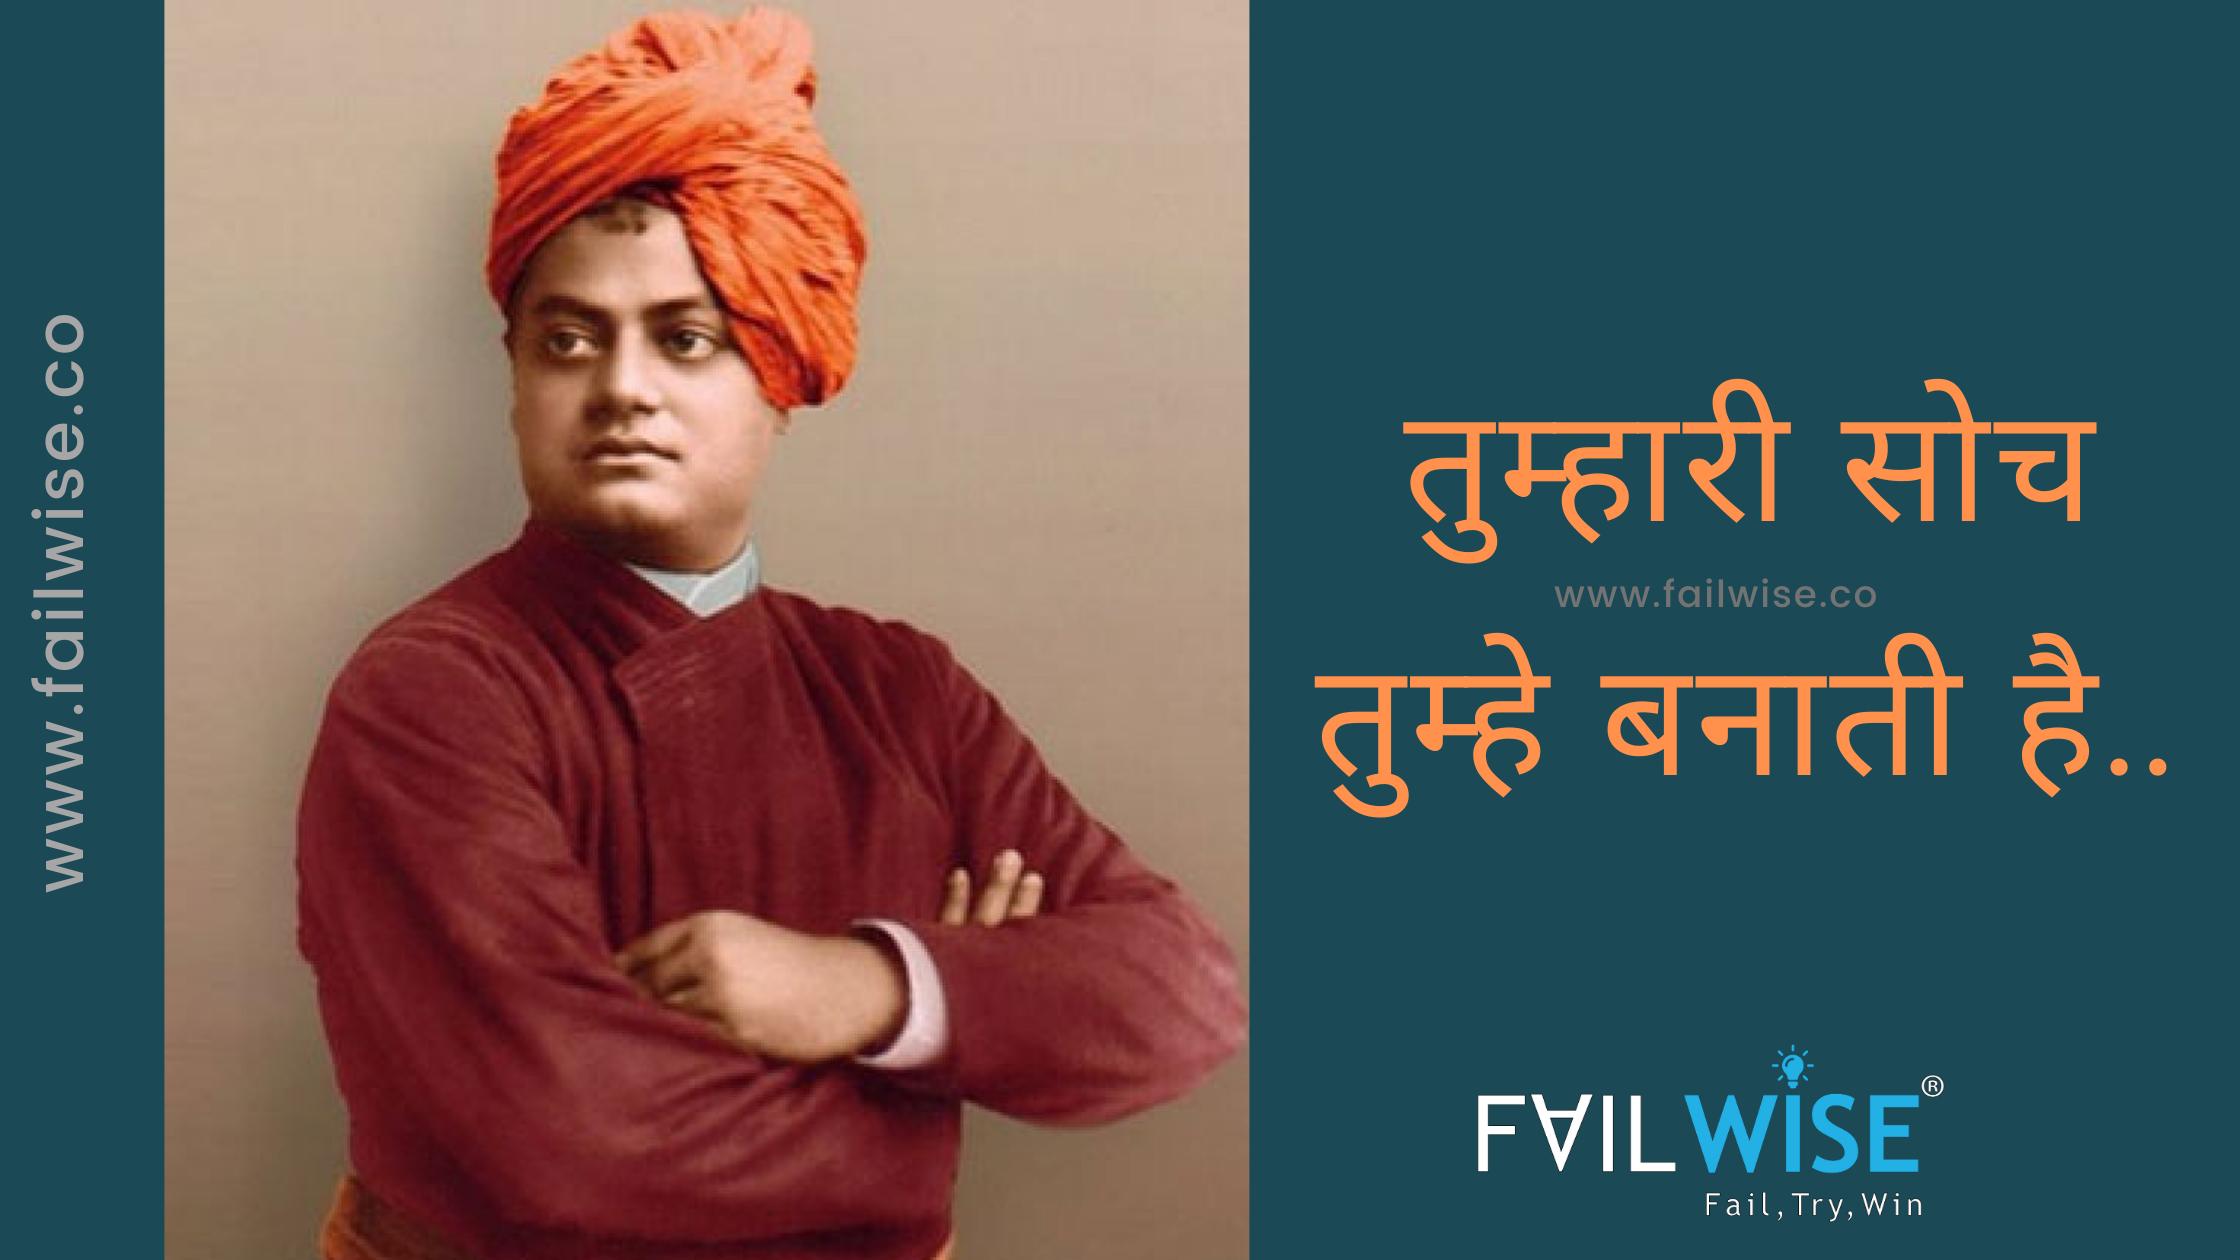 सफलता का सबसे बड़ा रहस्य । स्वामी विवेकानंद